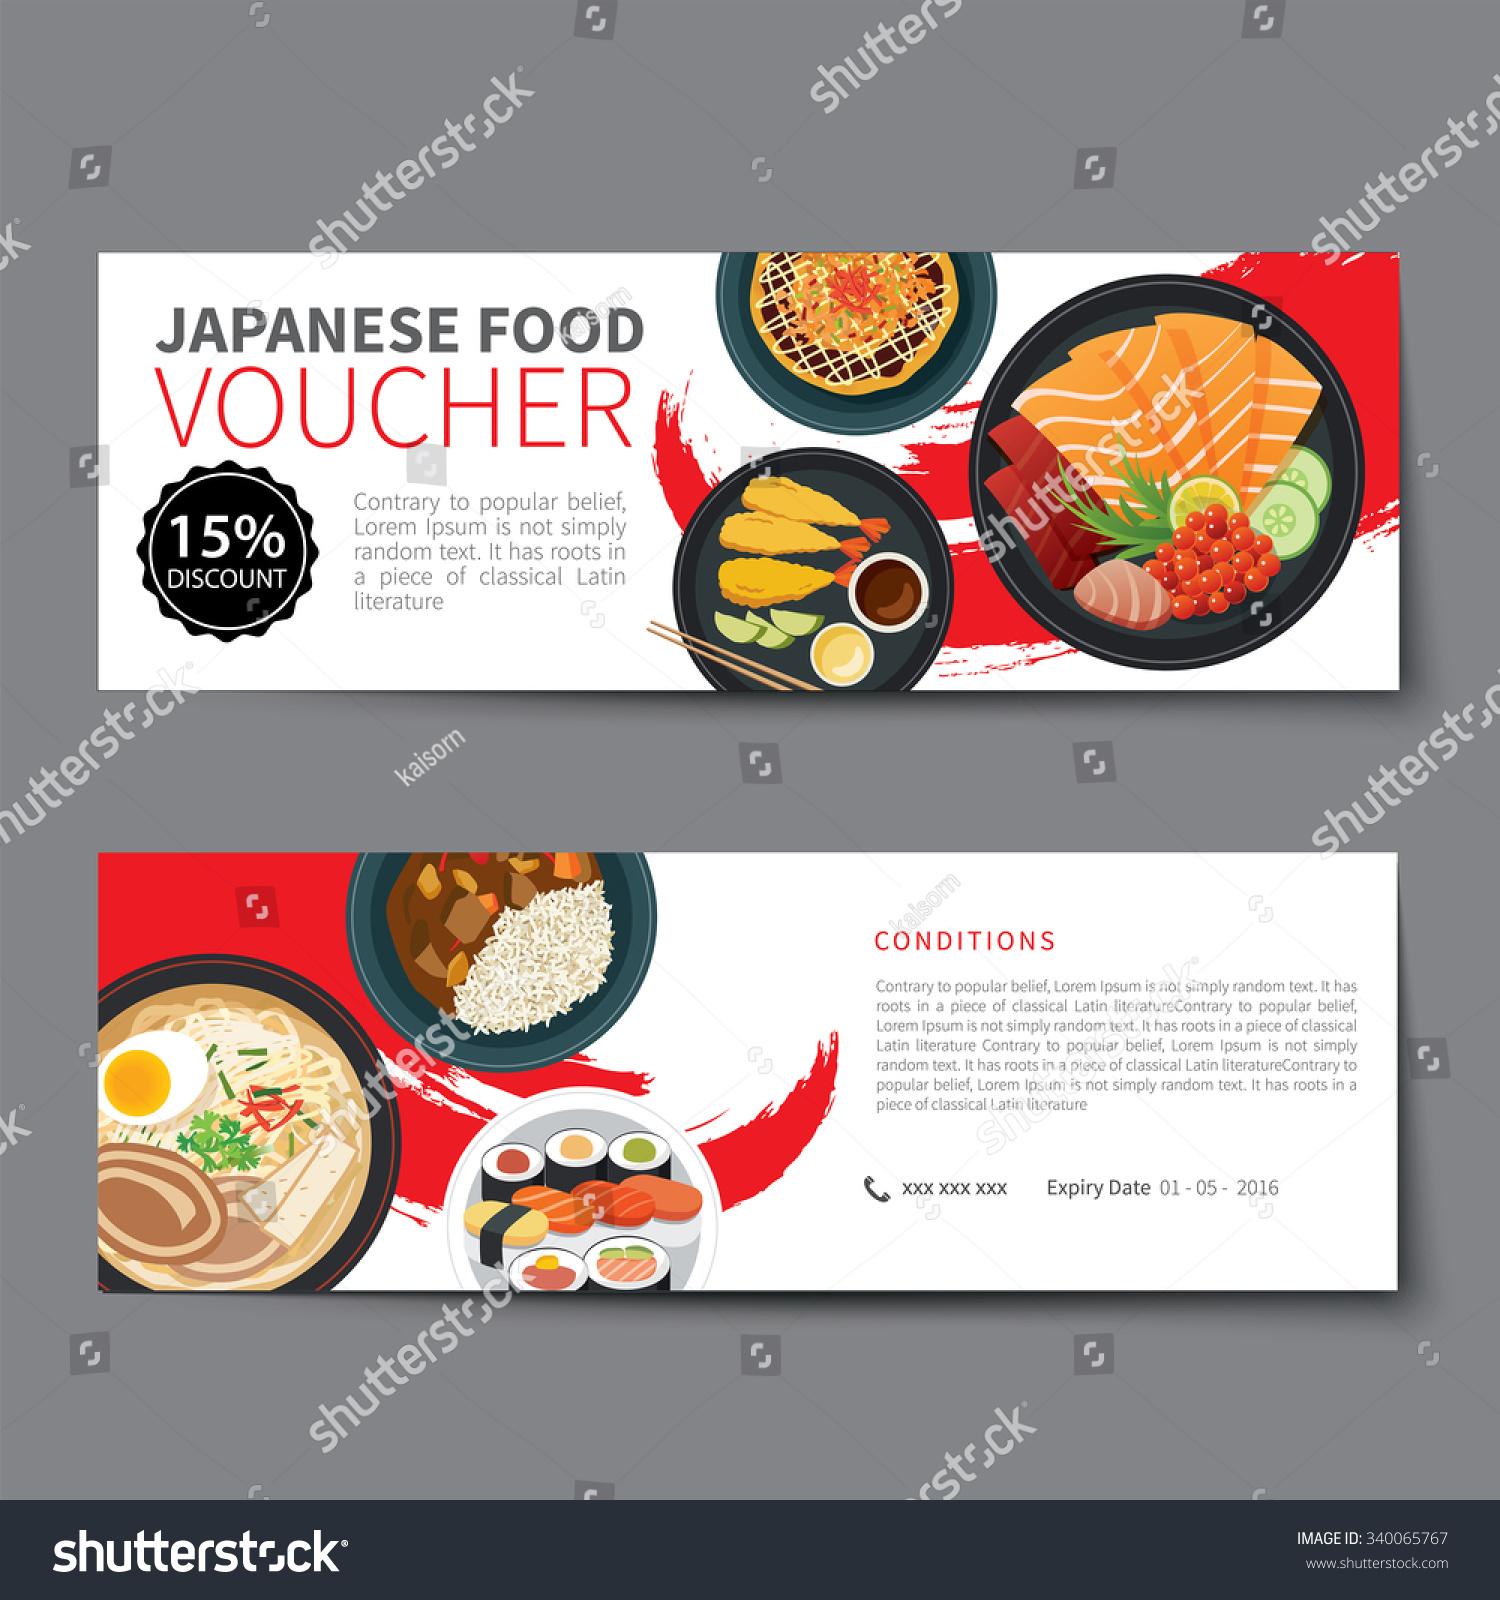 Meal Voucher Template car rental receipt template – Meal Voucher Template